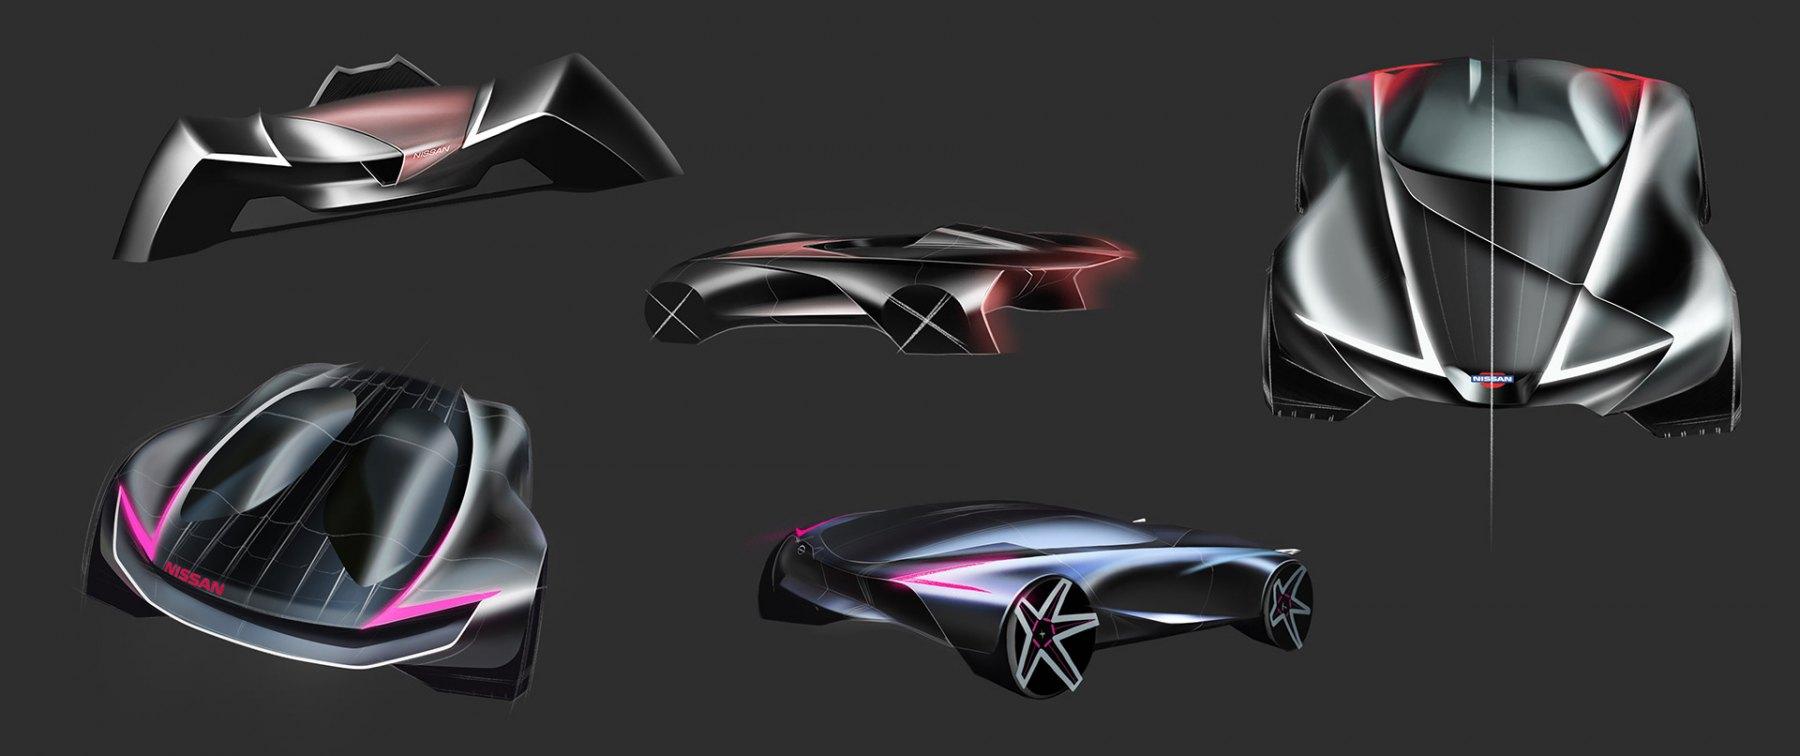 Nissan Z Vision - Render